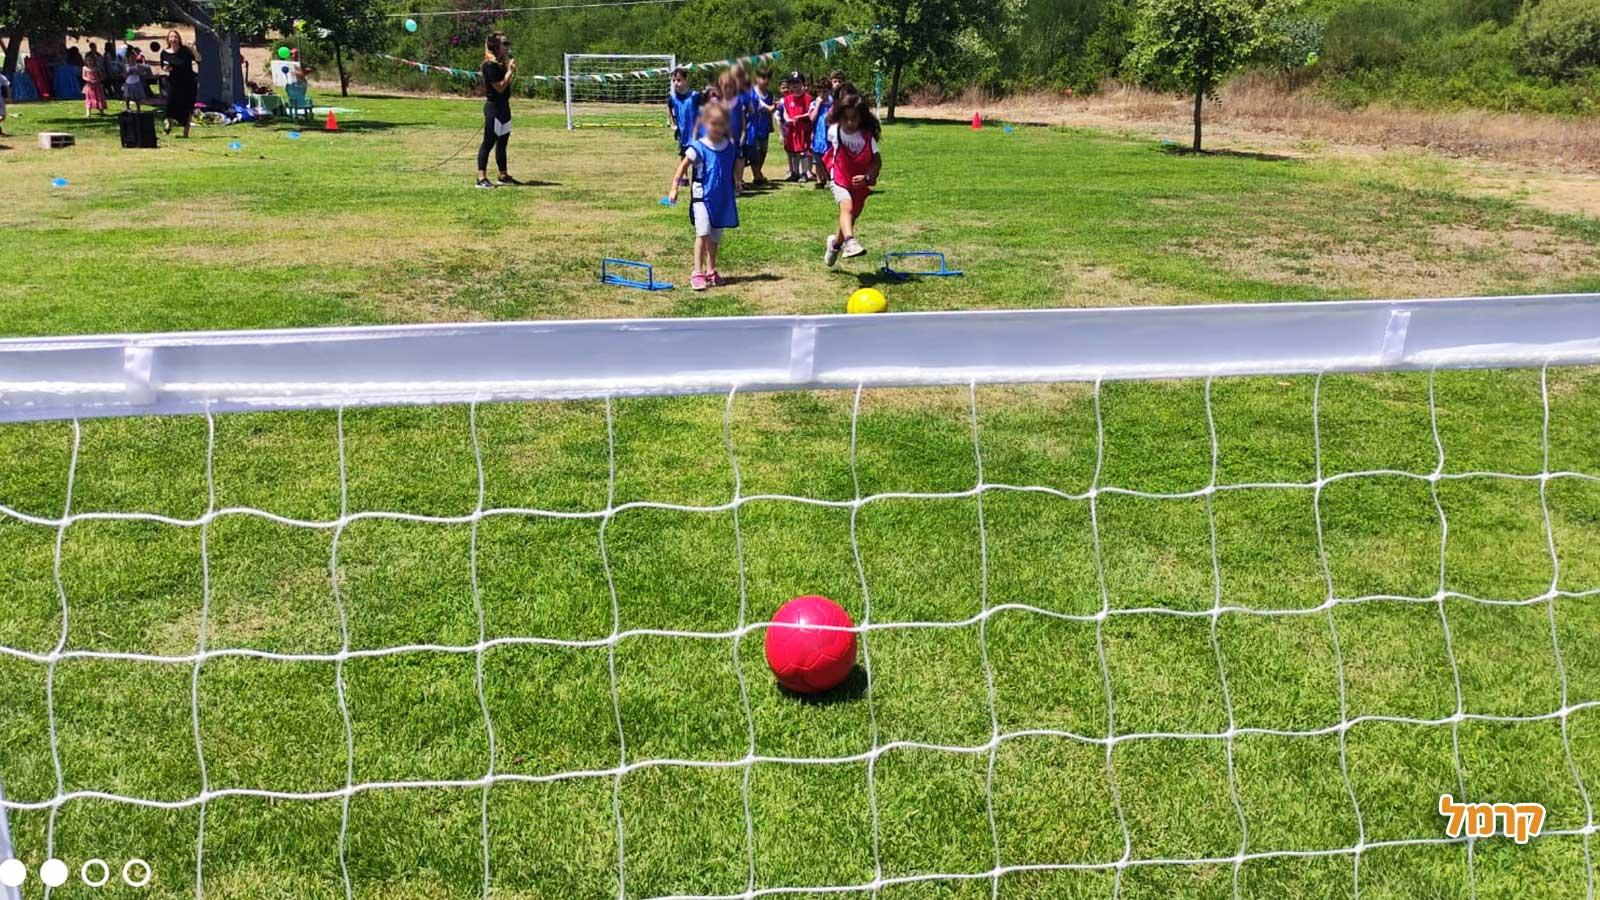 כדורגל לאלופים - חוויה מהליגה הישראלית - 073-7025439